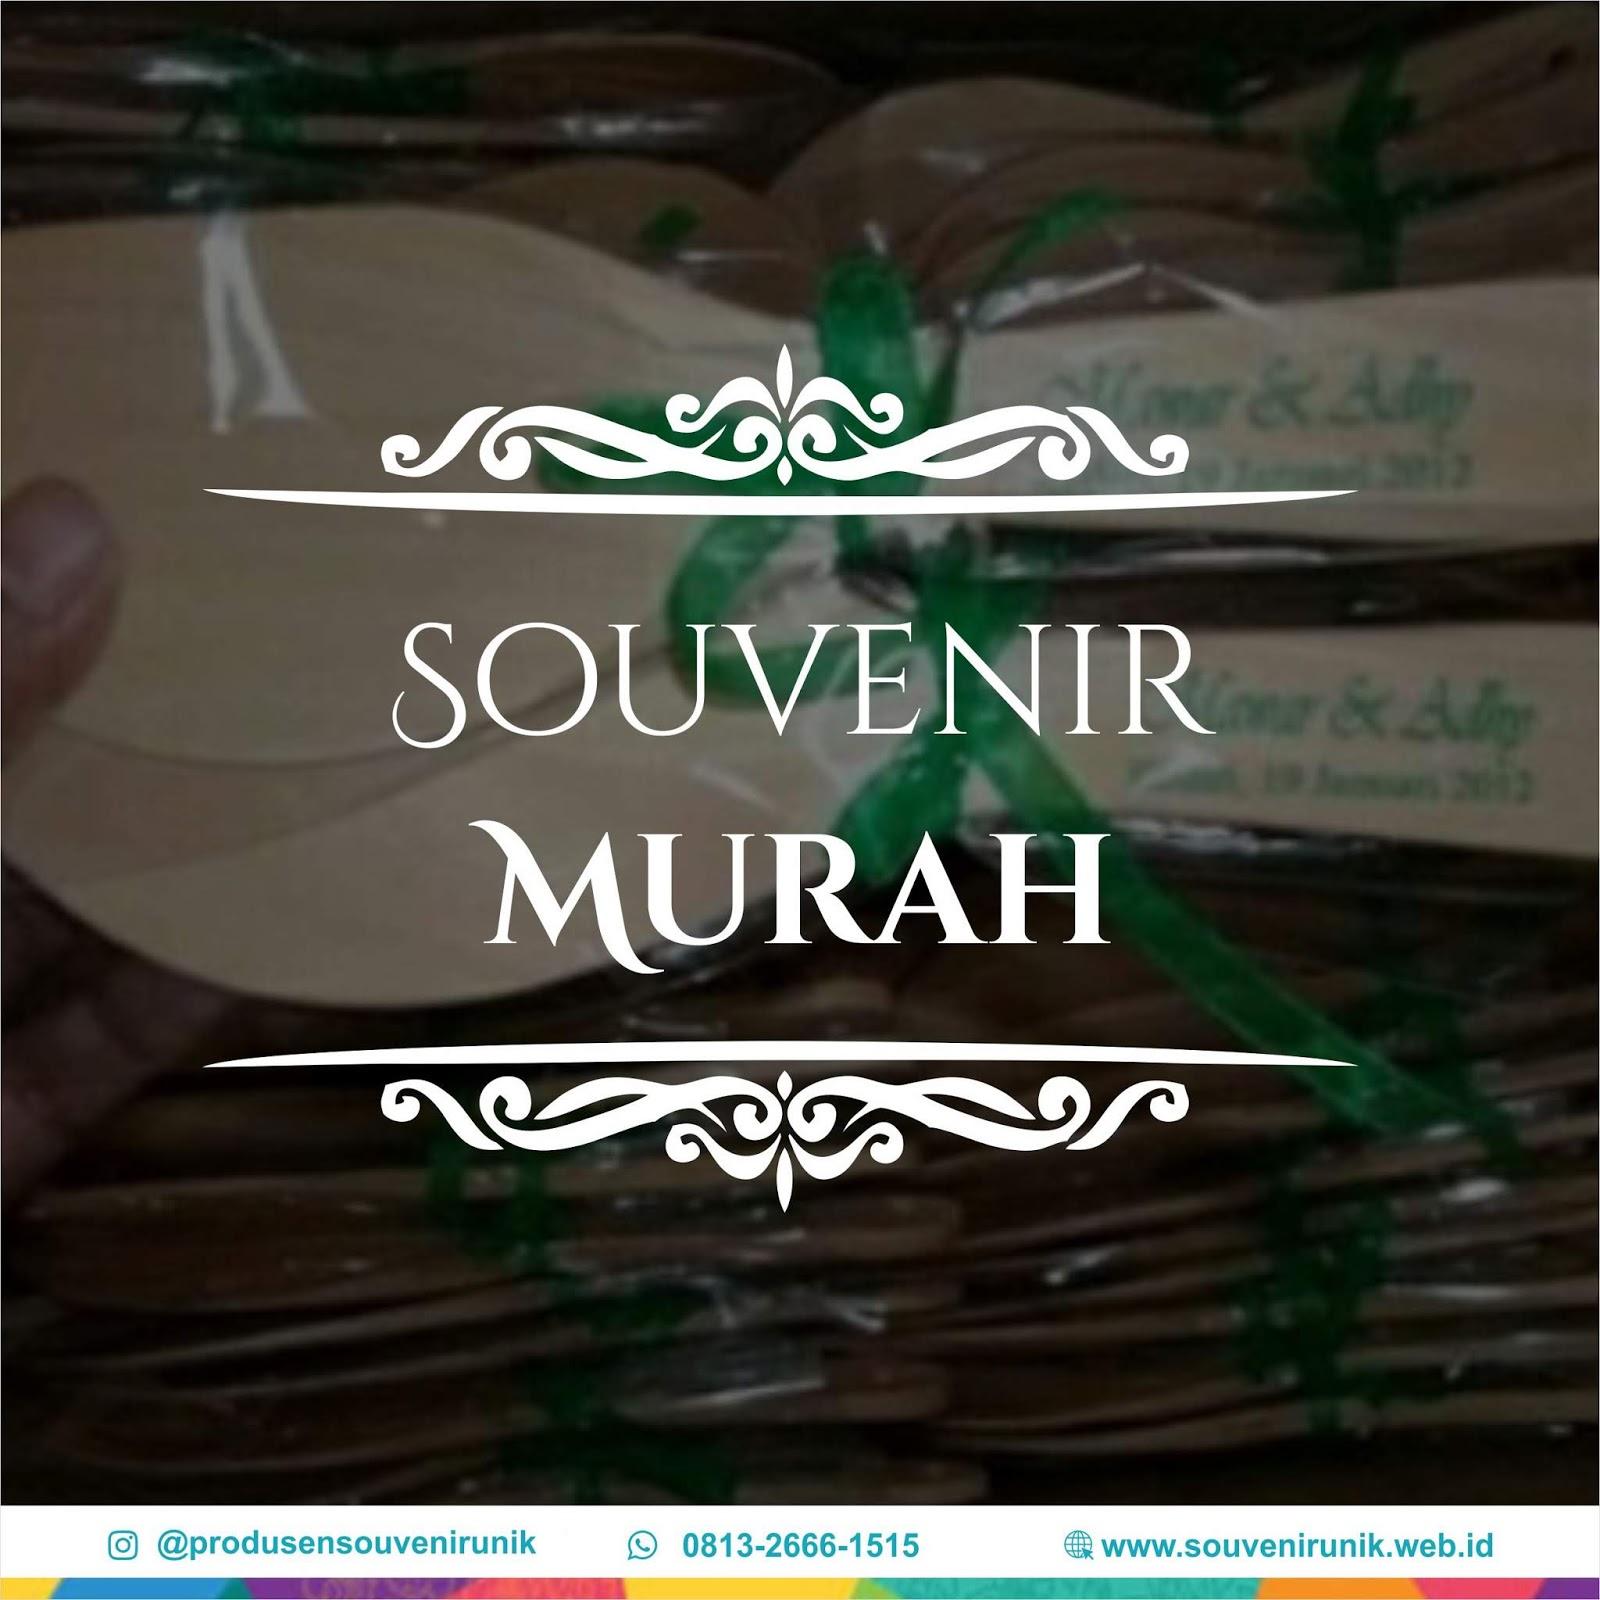 souvenir murah